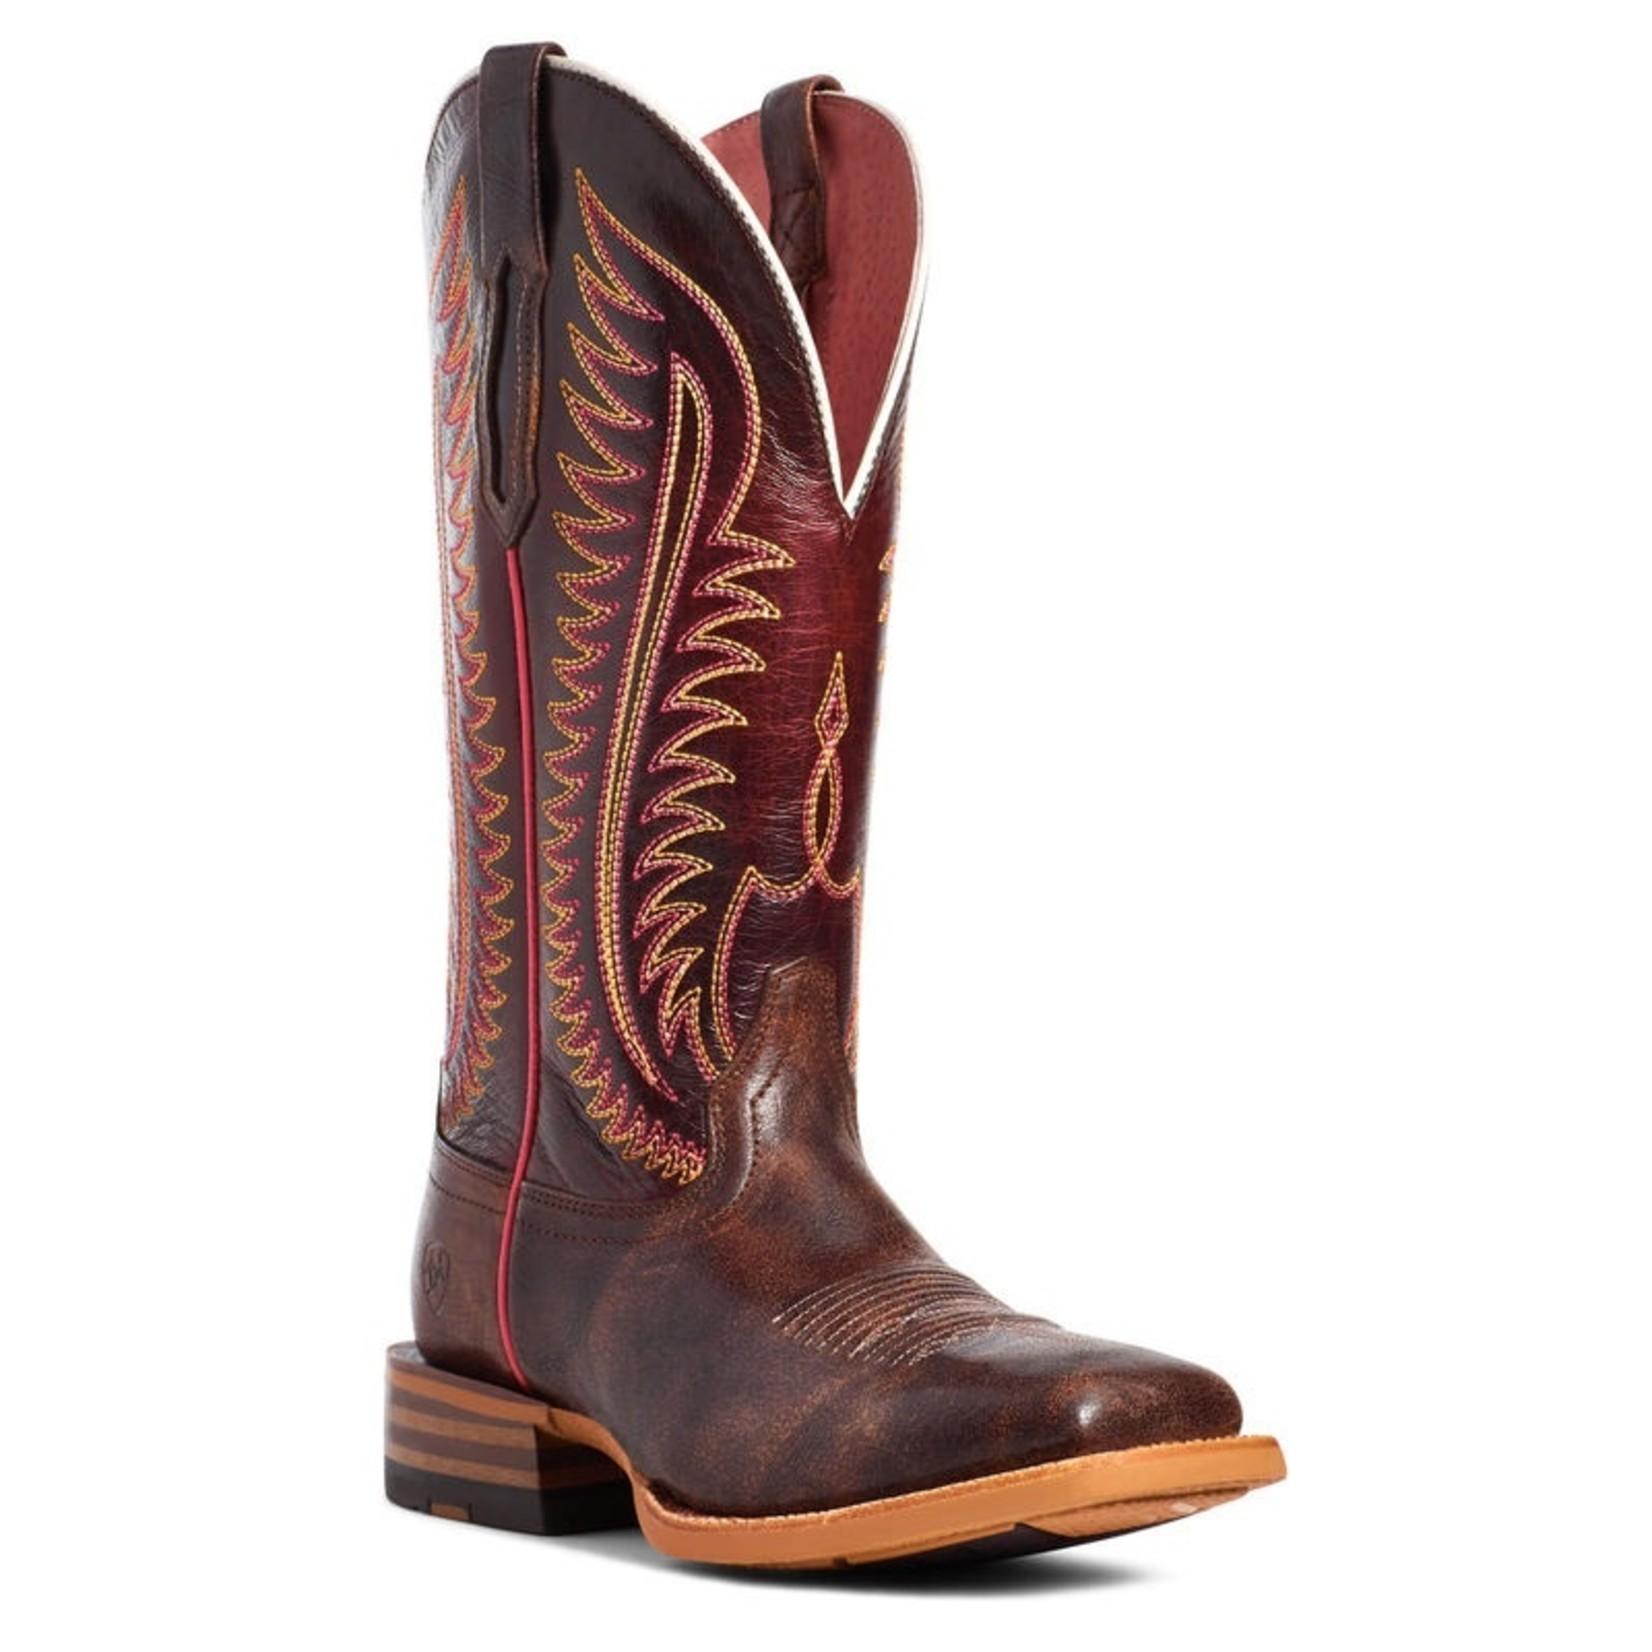 Ariat Women's Ariat Belmont Western Boot 10035780